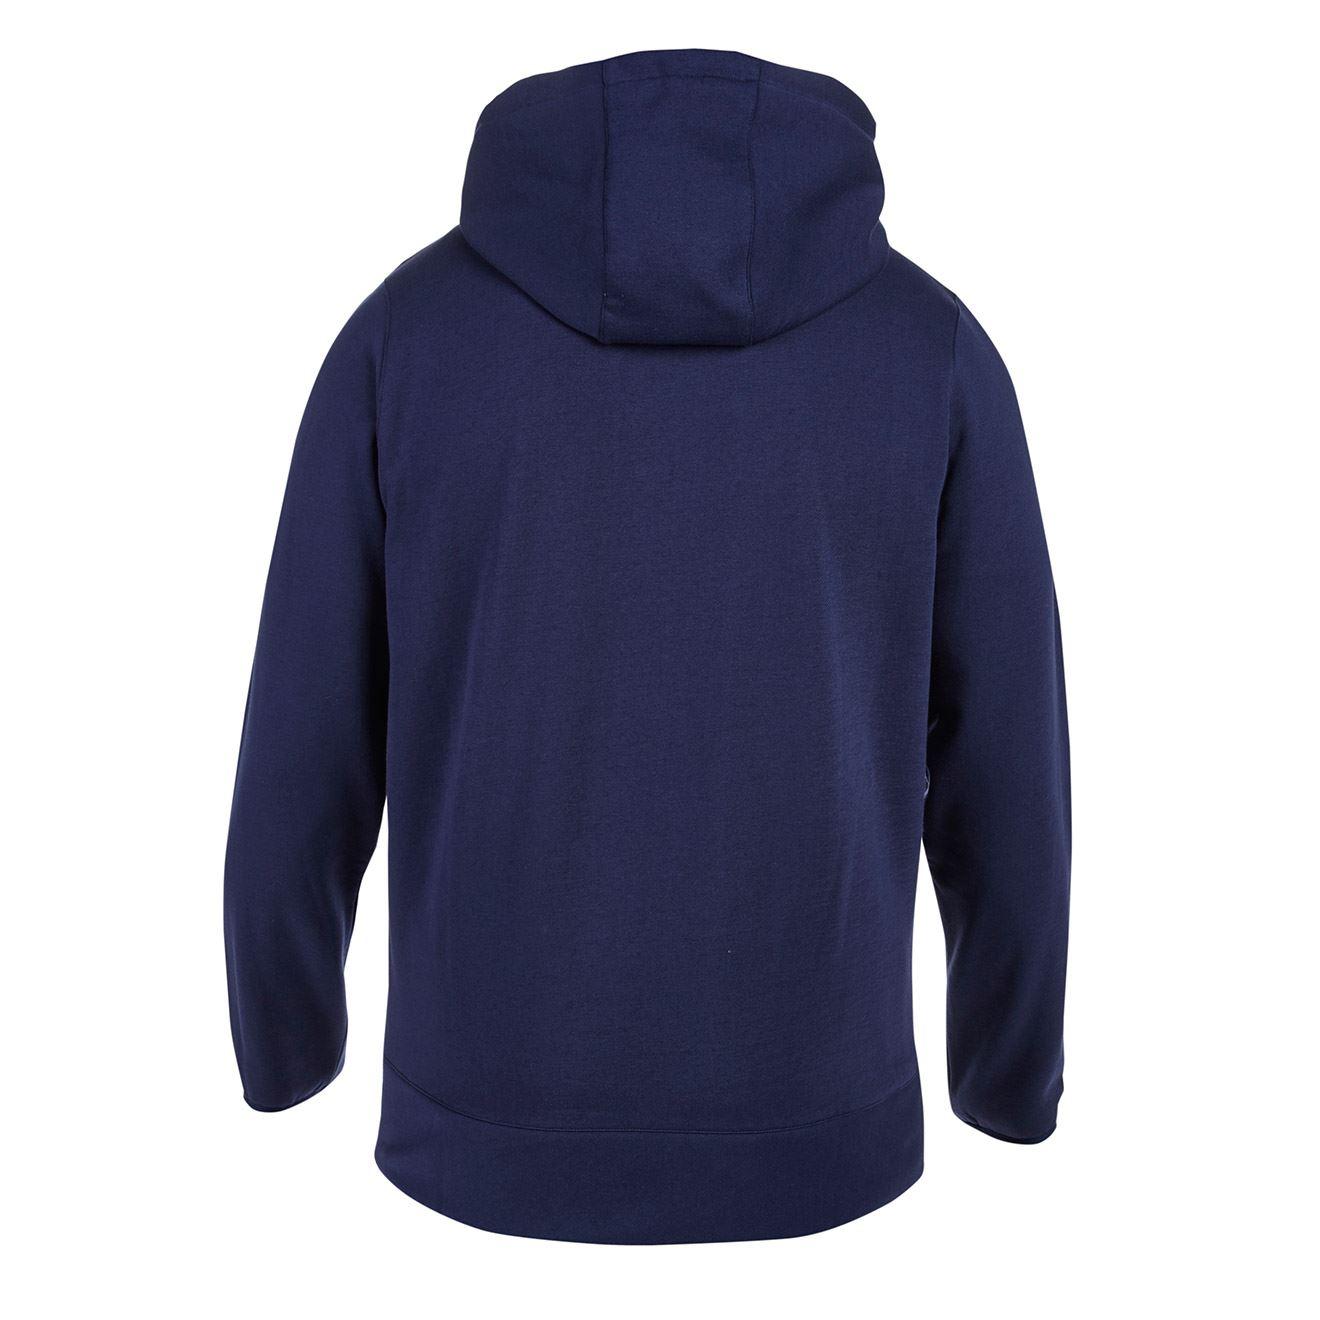 Ireland rugby hoodie